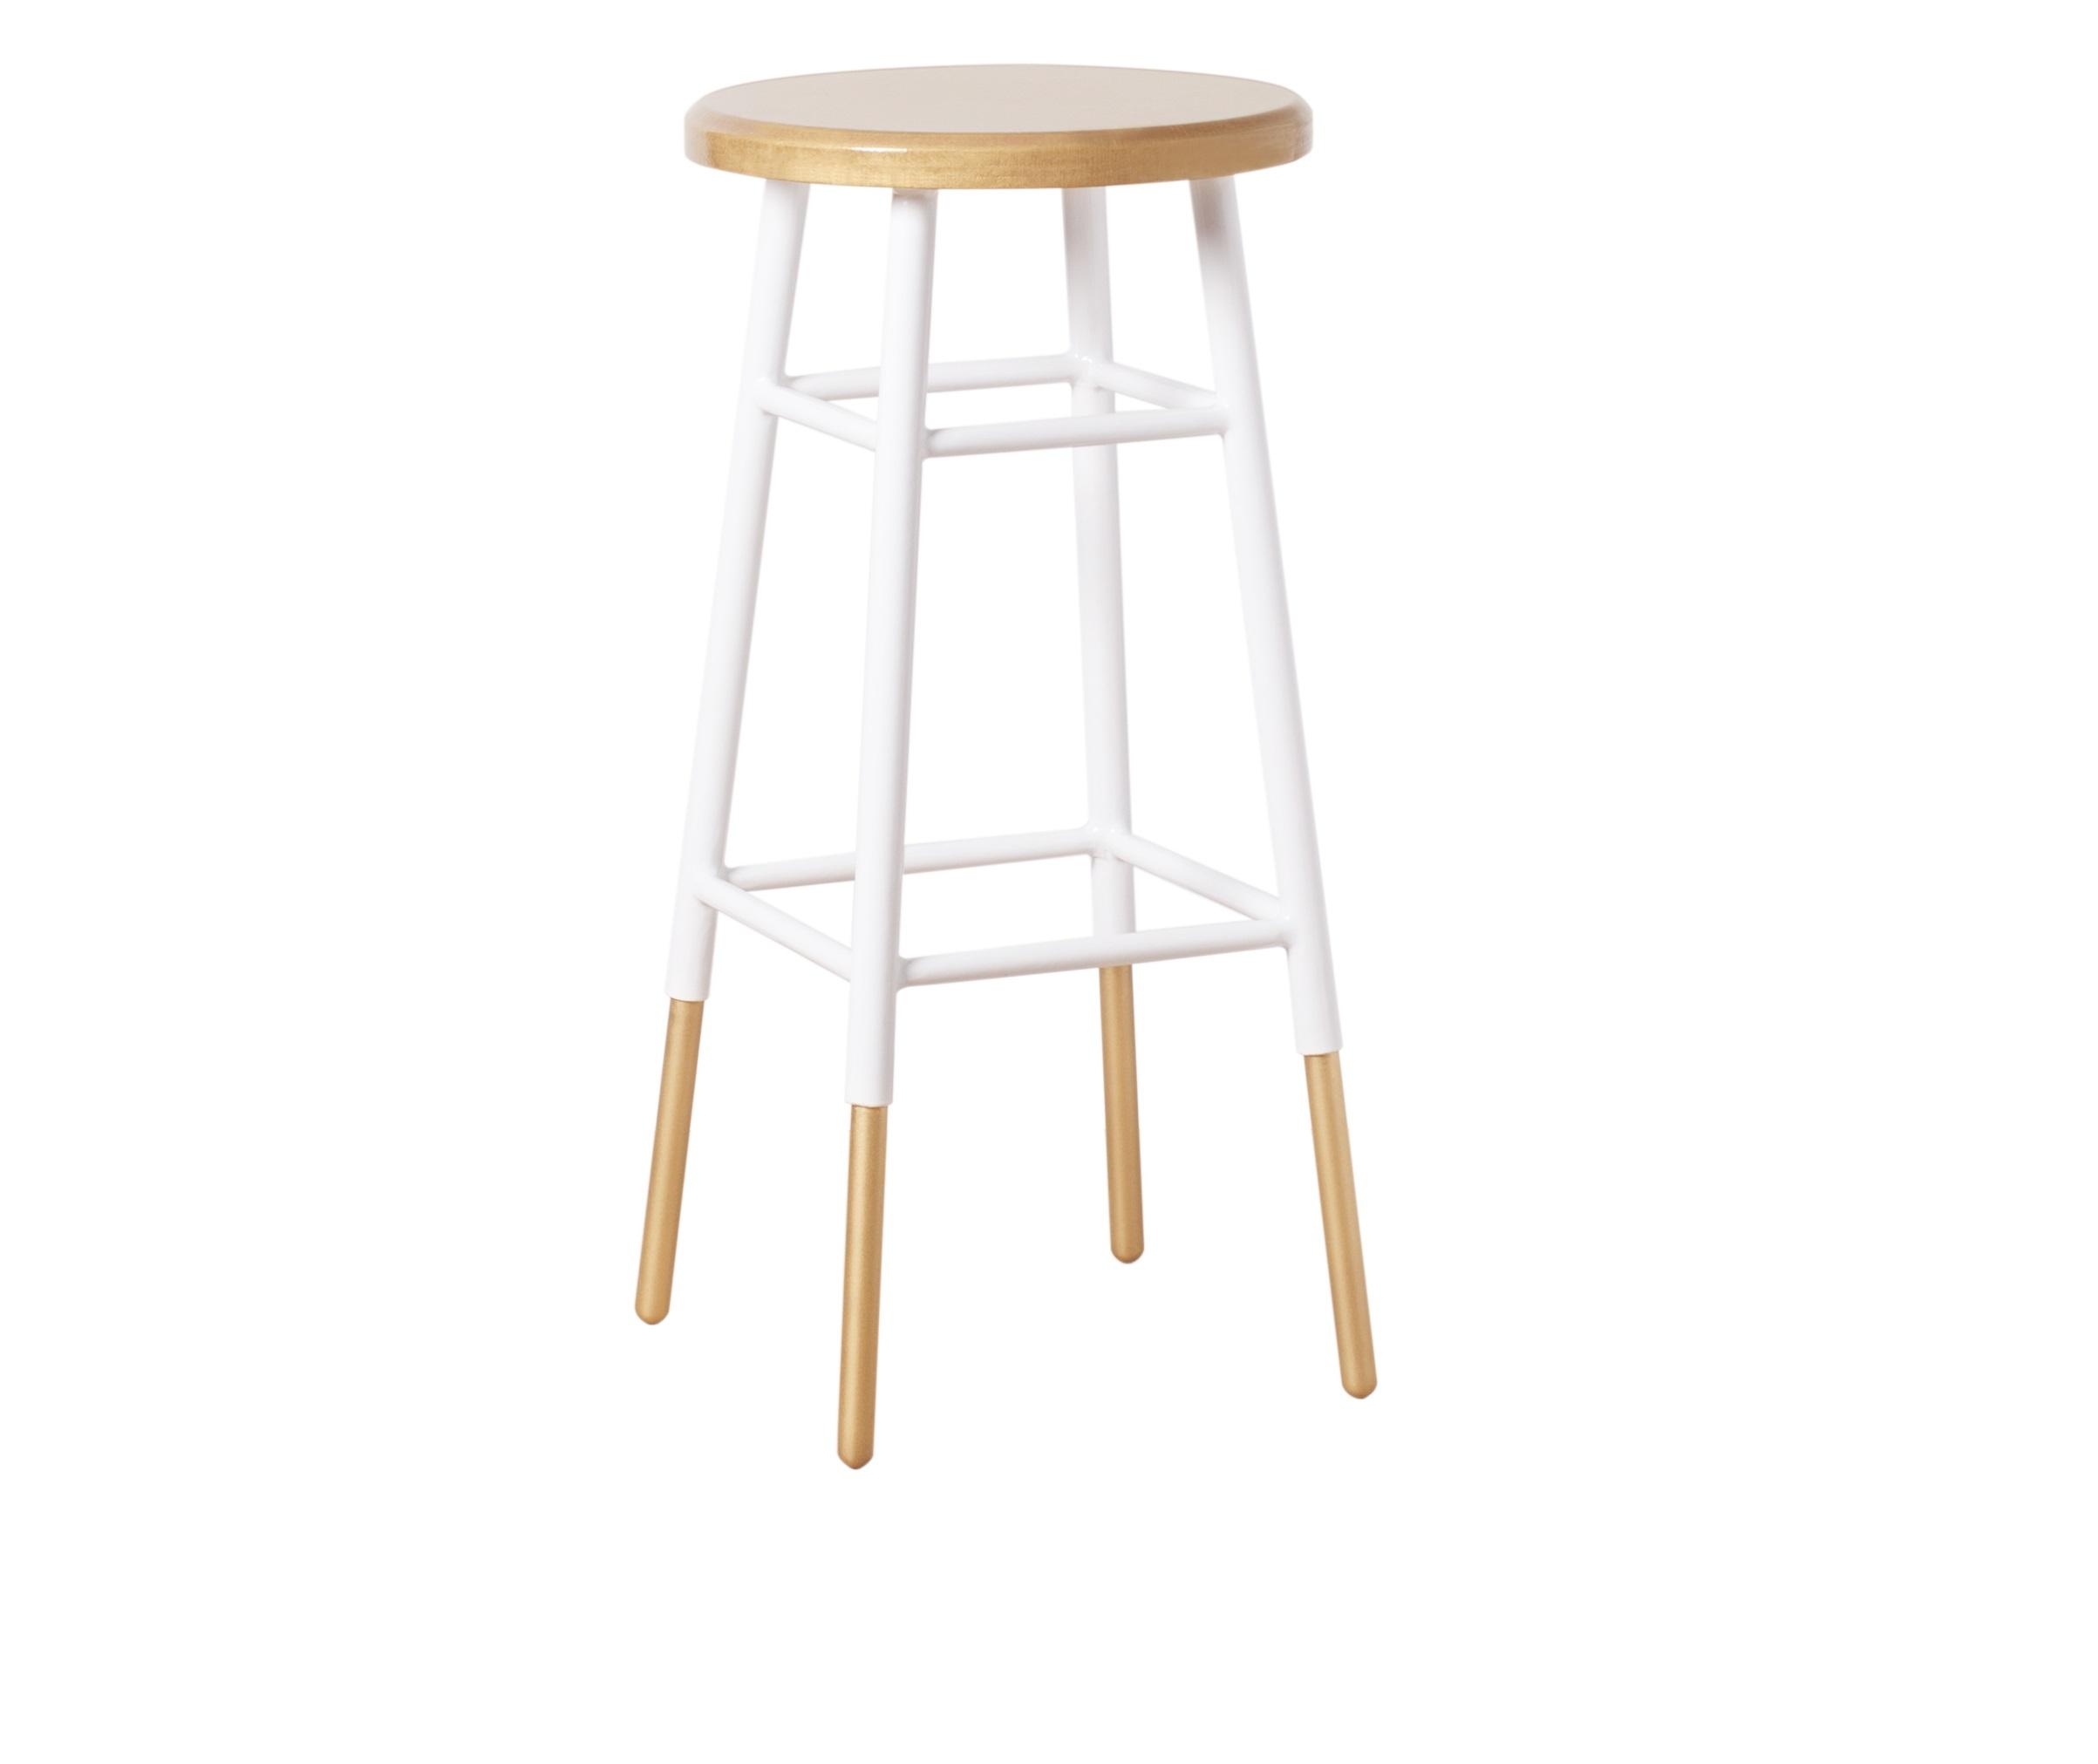 Барный стулБарные стулья<br>Барный металлический стул золотого цвета. Ножки частично окрашены в белый цвет. Он станет важным стилистическим акцентом в интерьере кухни в стиле fashion или эклектика. Произведено в России. Металлические детали обработаны порошковой покраской методом напыления. Эта технология обеспечивает высокое качество поверхности металла и способна придать красивый оттенок золотому покрытию.<br><br>Material: Металл<br>Length см: None<br>Width см: None<br>Depth см: None<br>Height см: 75<br>Diameter см: 34